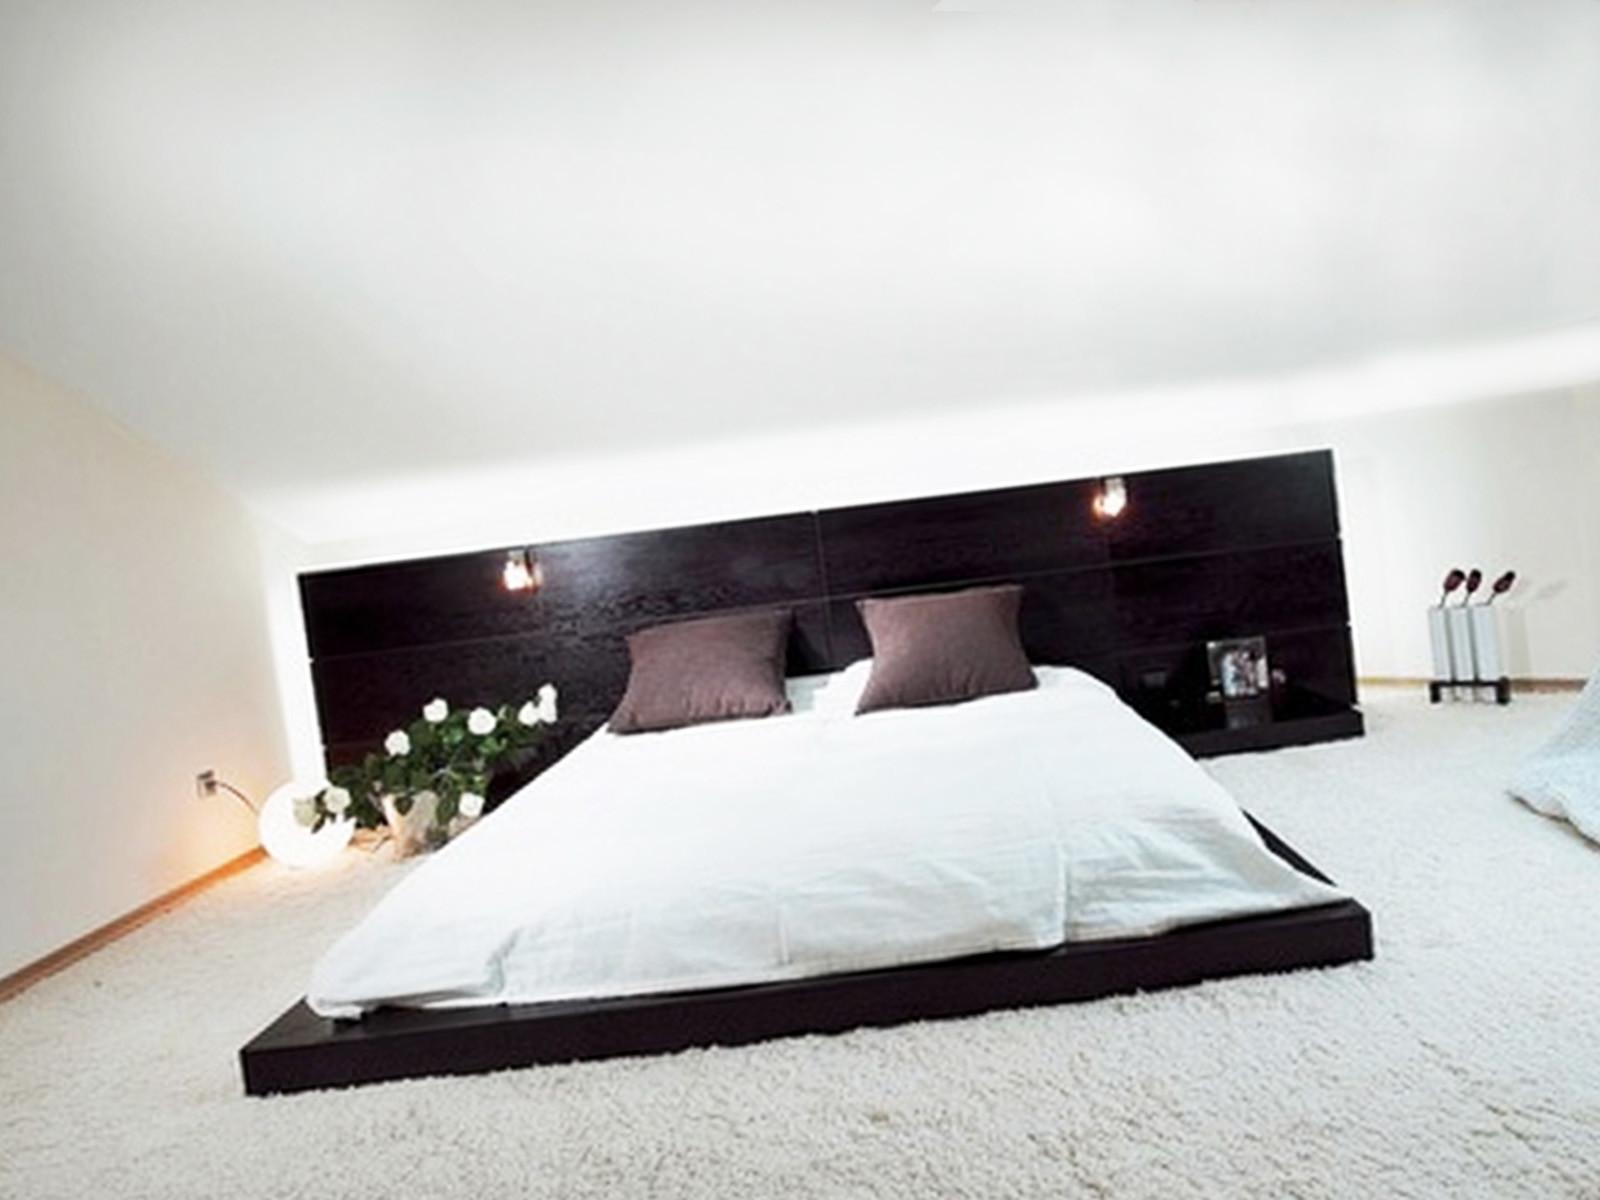 Минимализм для увеличения пространства в маленькой комнате 2019-2020